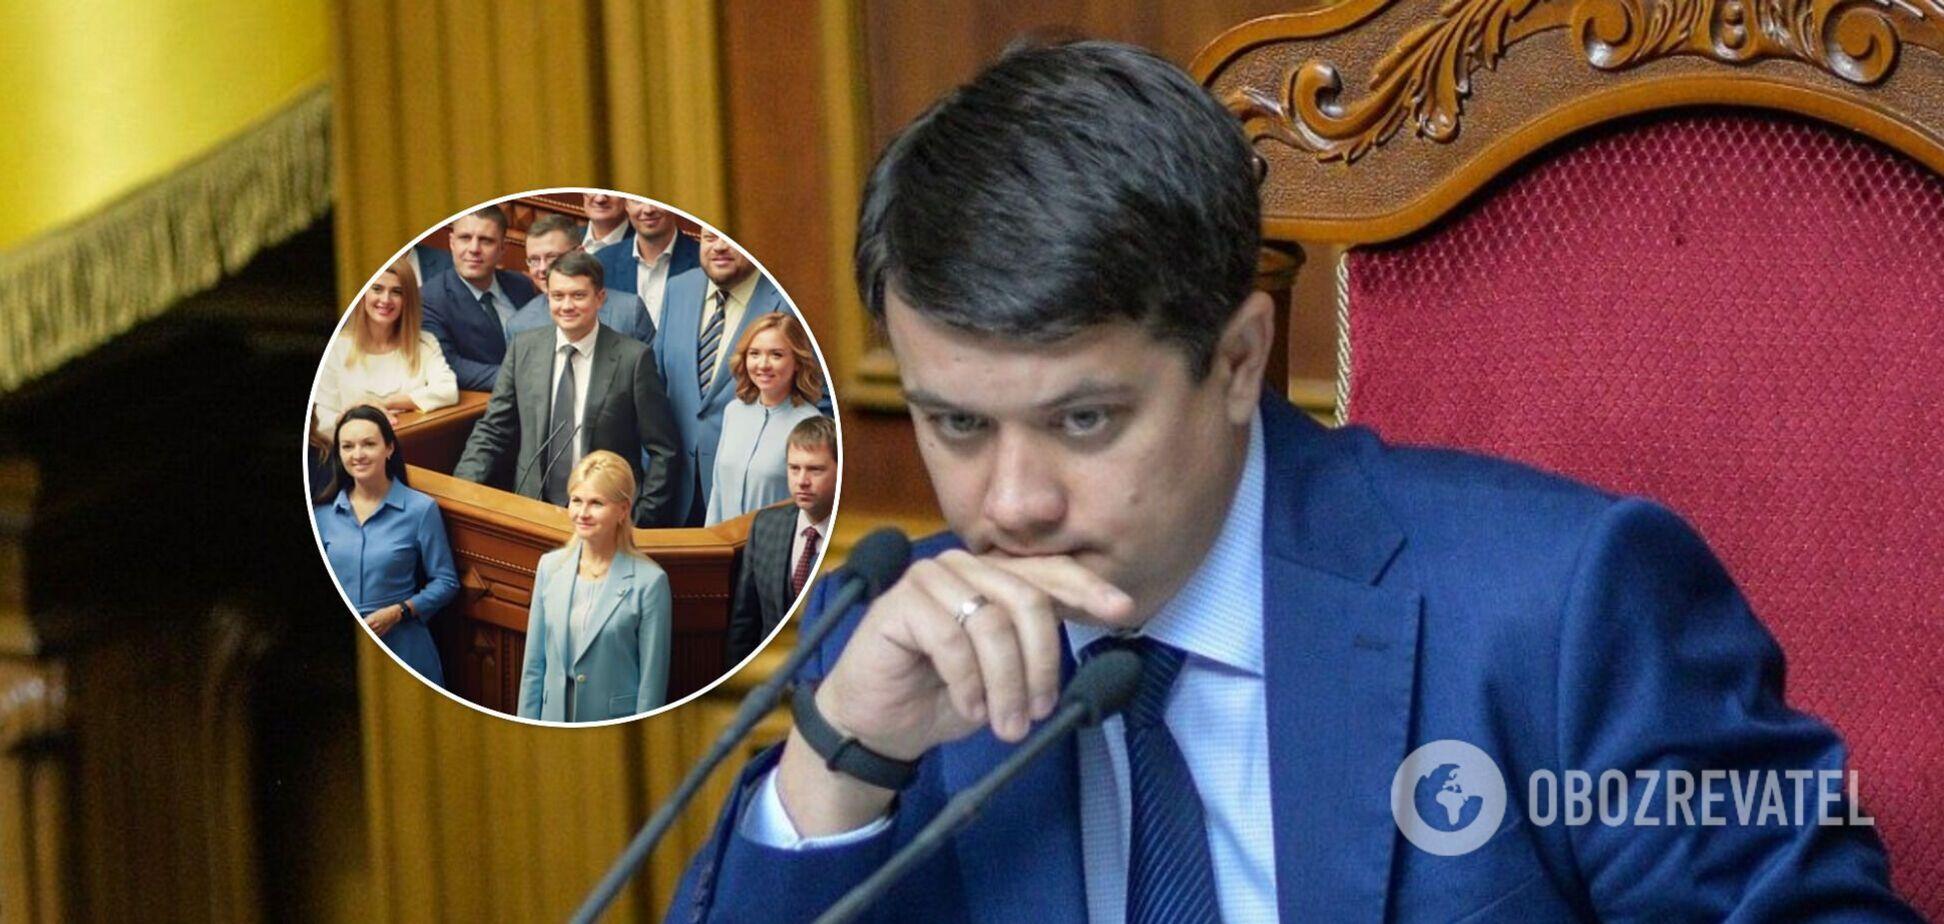 Разумков фотографировался с депутатами без масок, а через пару часов заявил о заражении COVID-19, – журналист